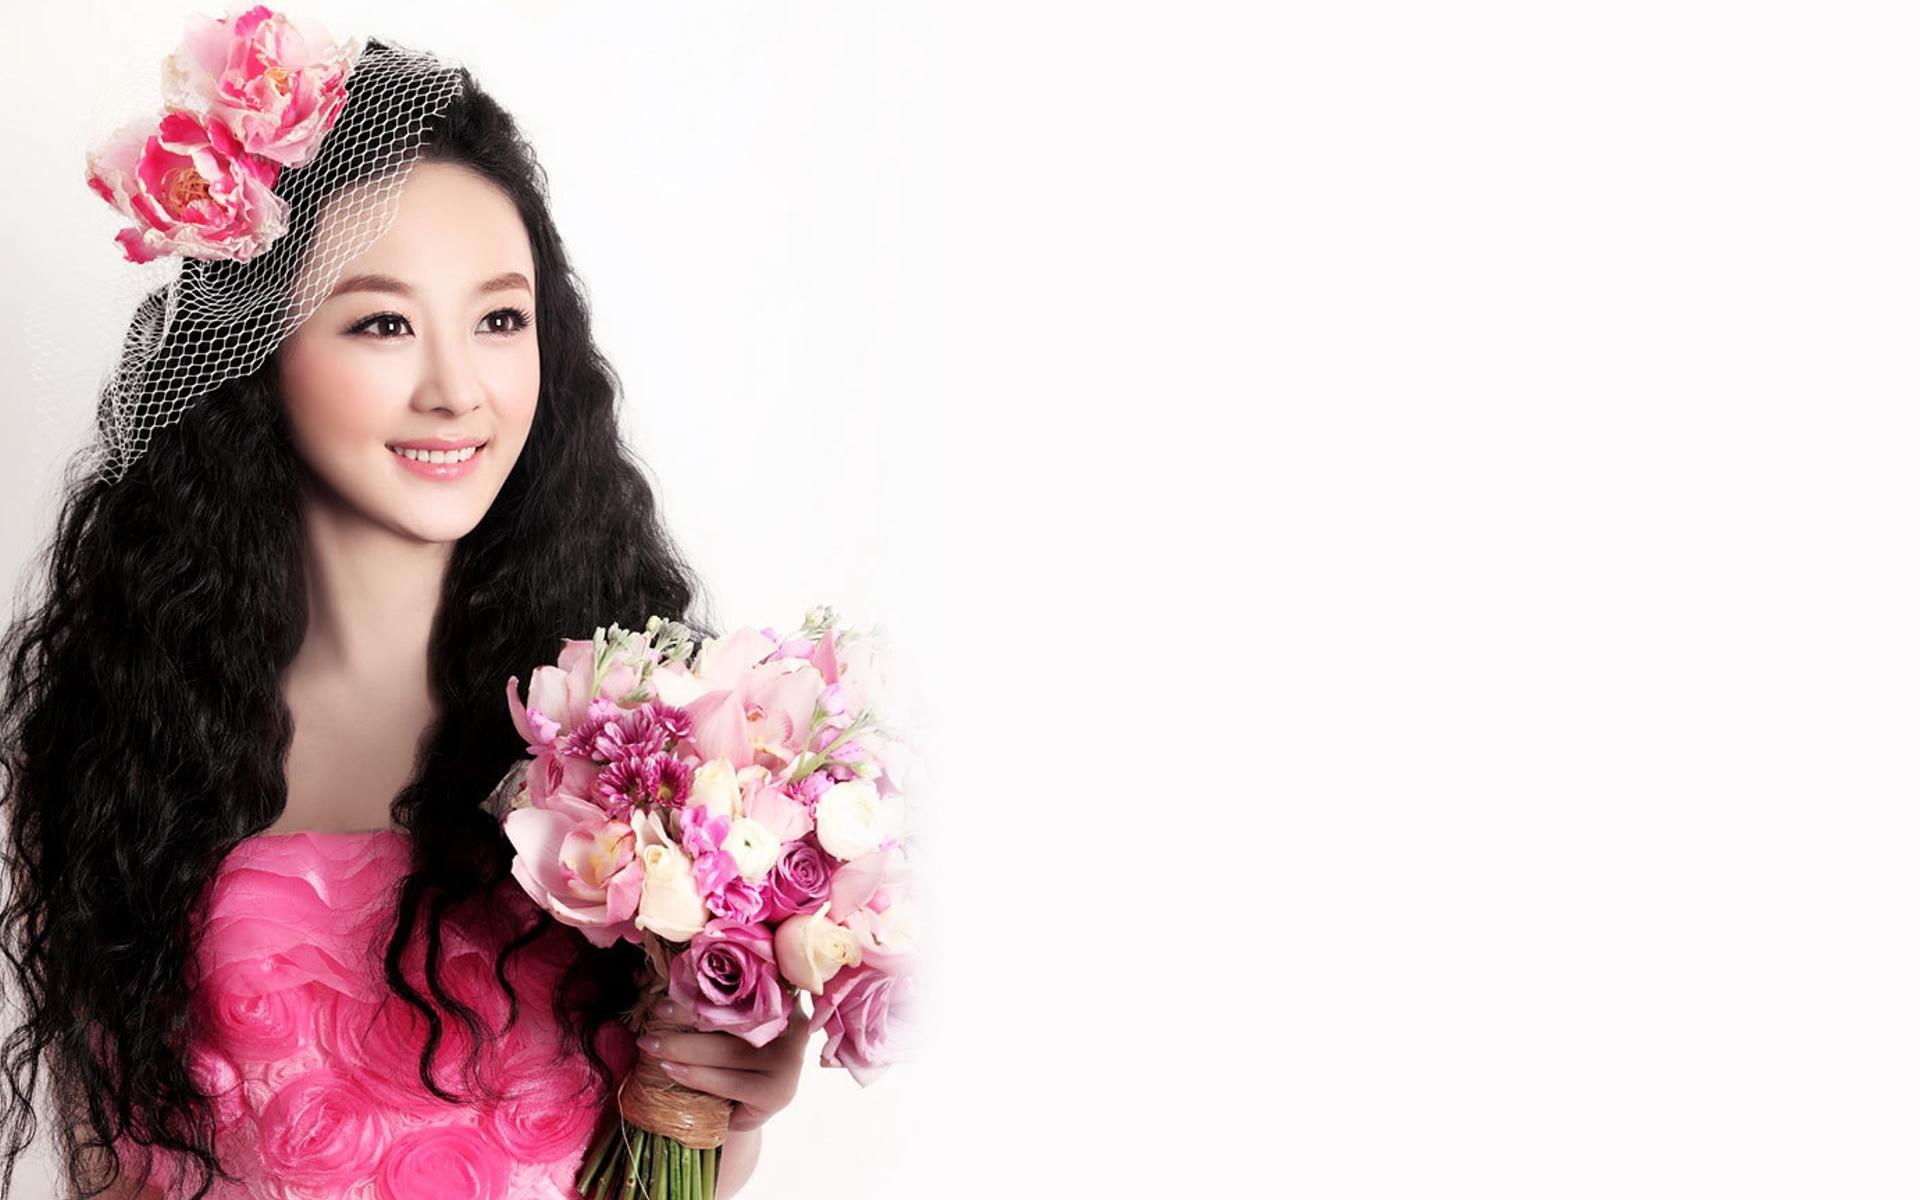 中国女明星 赵丽颖 桌面壁纸 壁纸大卡 壁纸桌